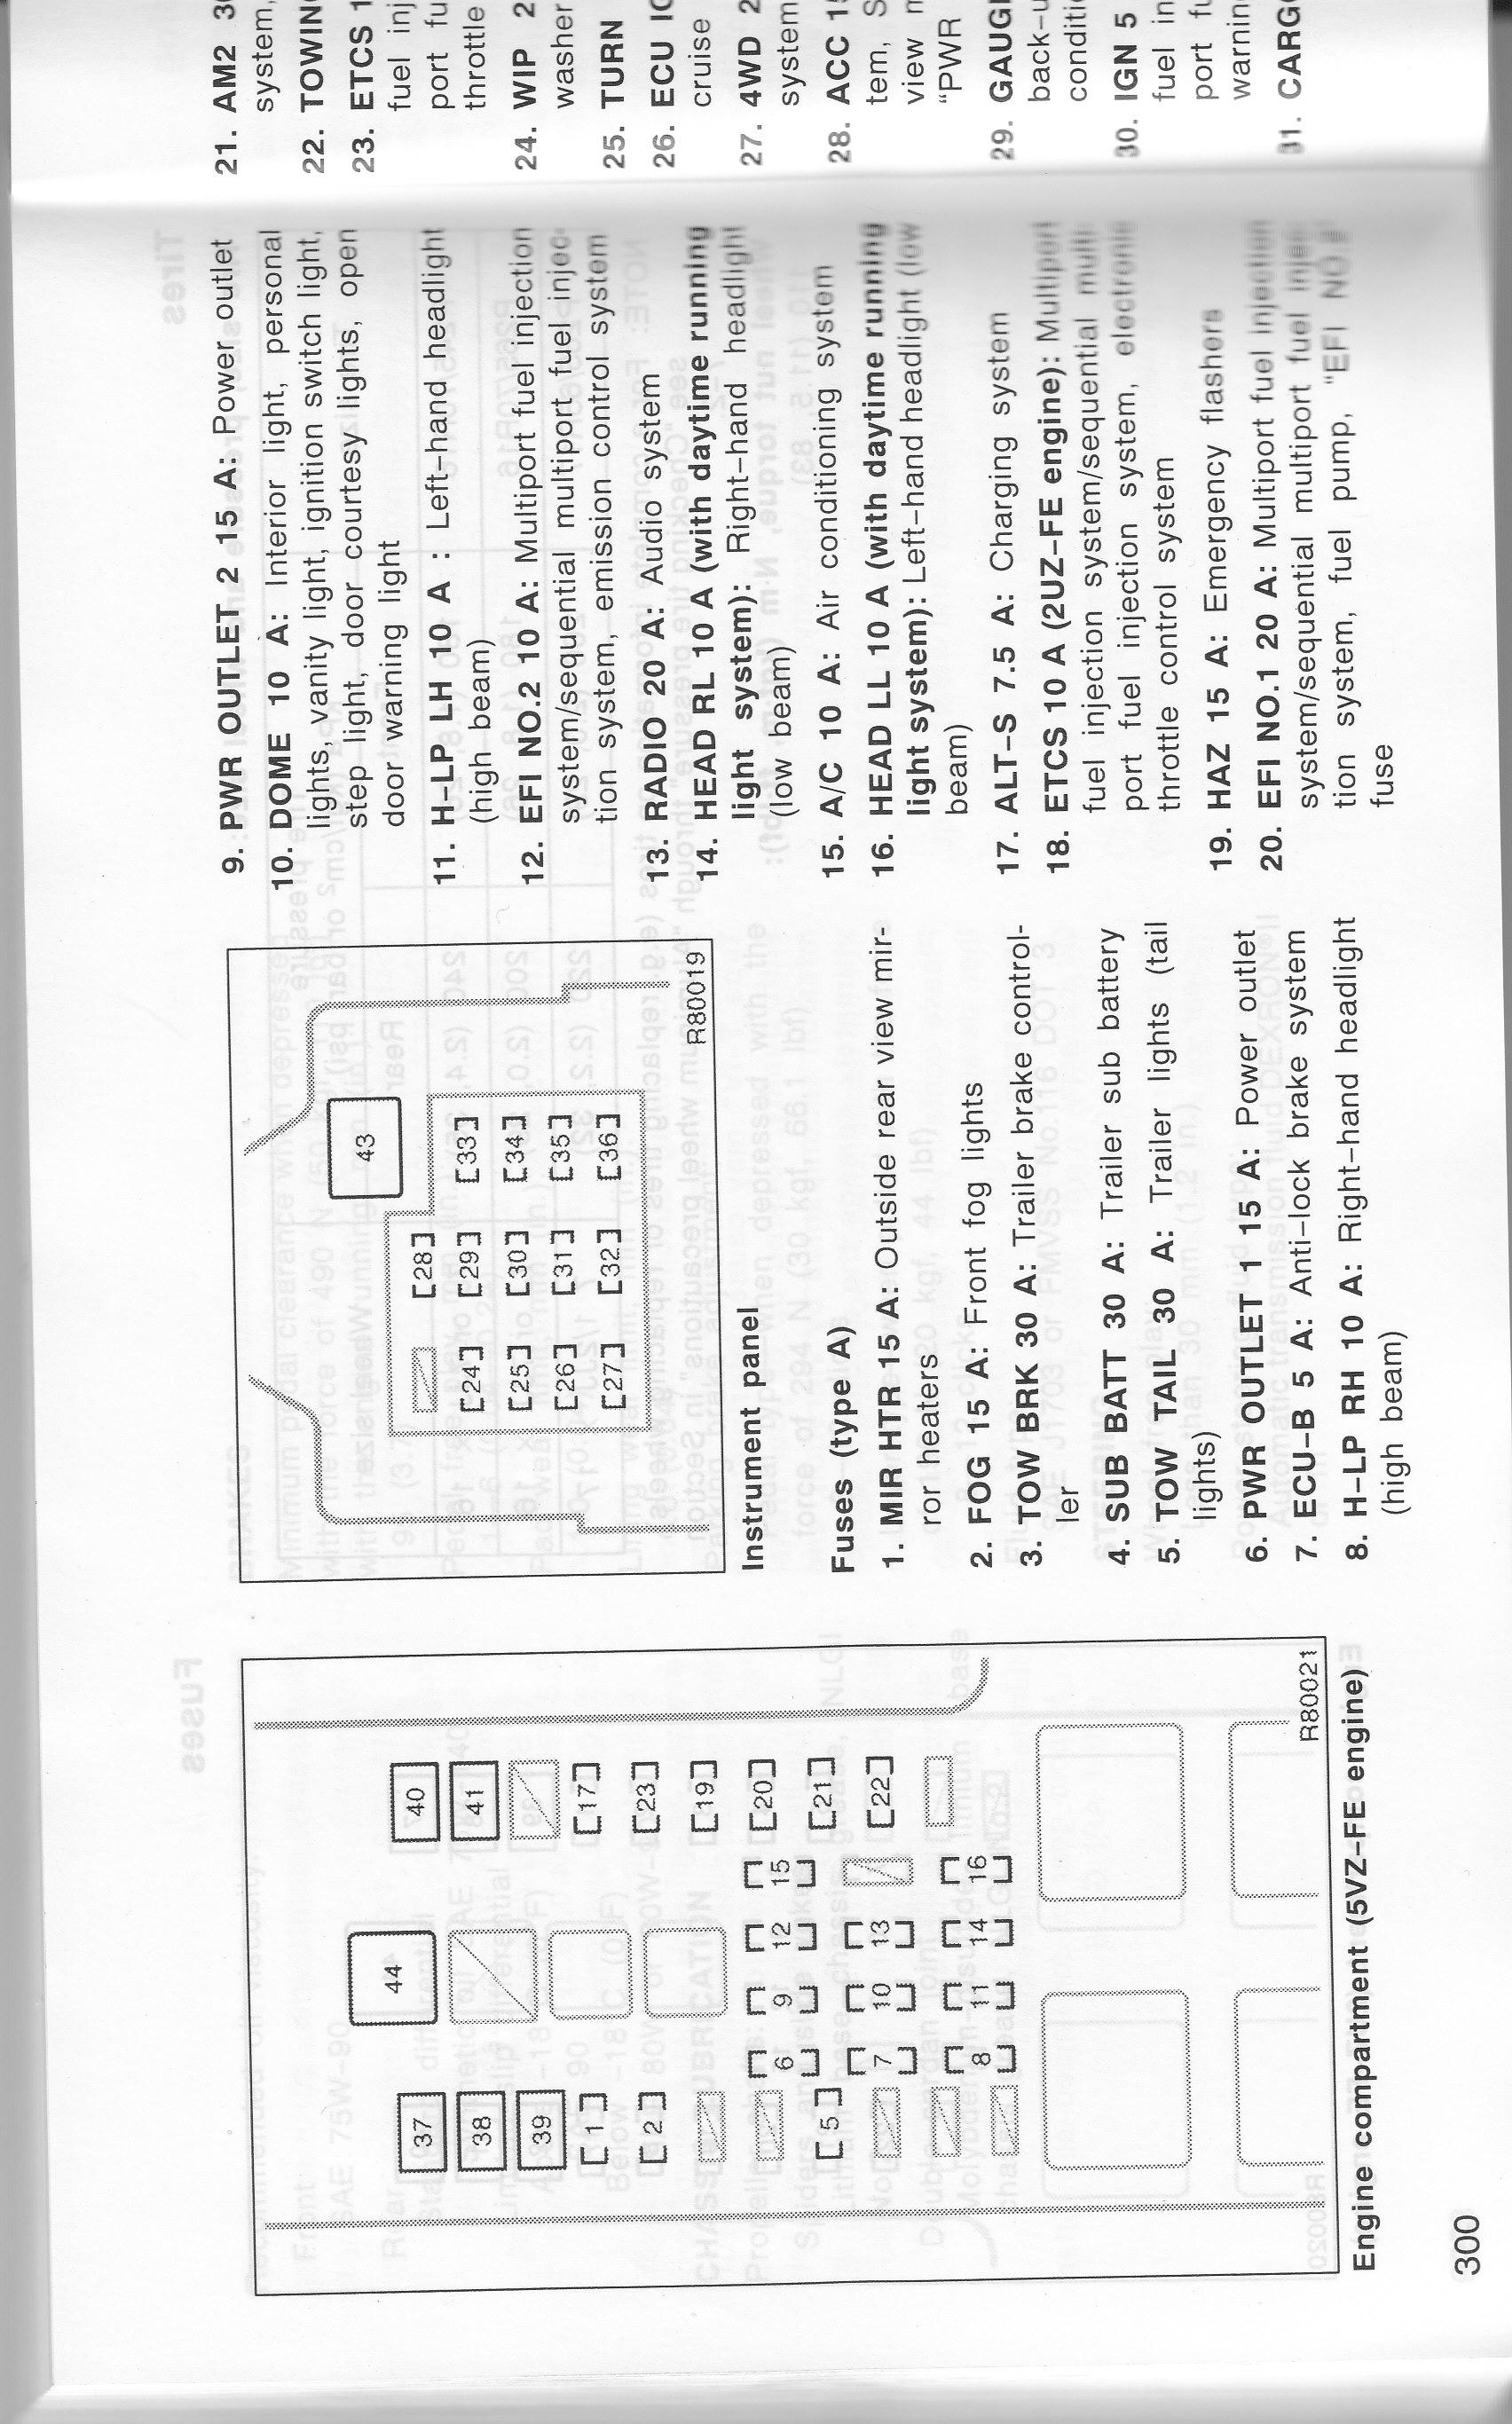 Toyotum Sequoium Fuse Box Diagram